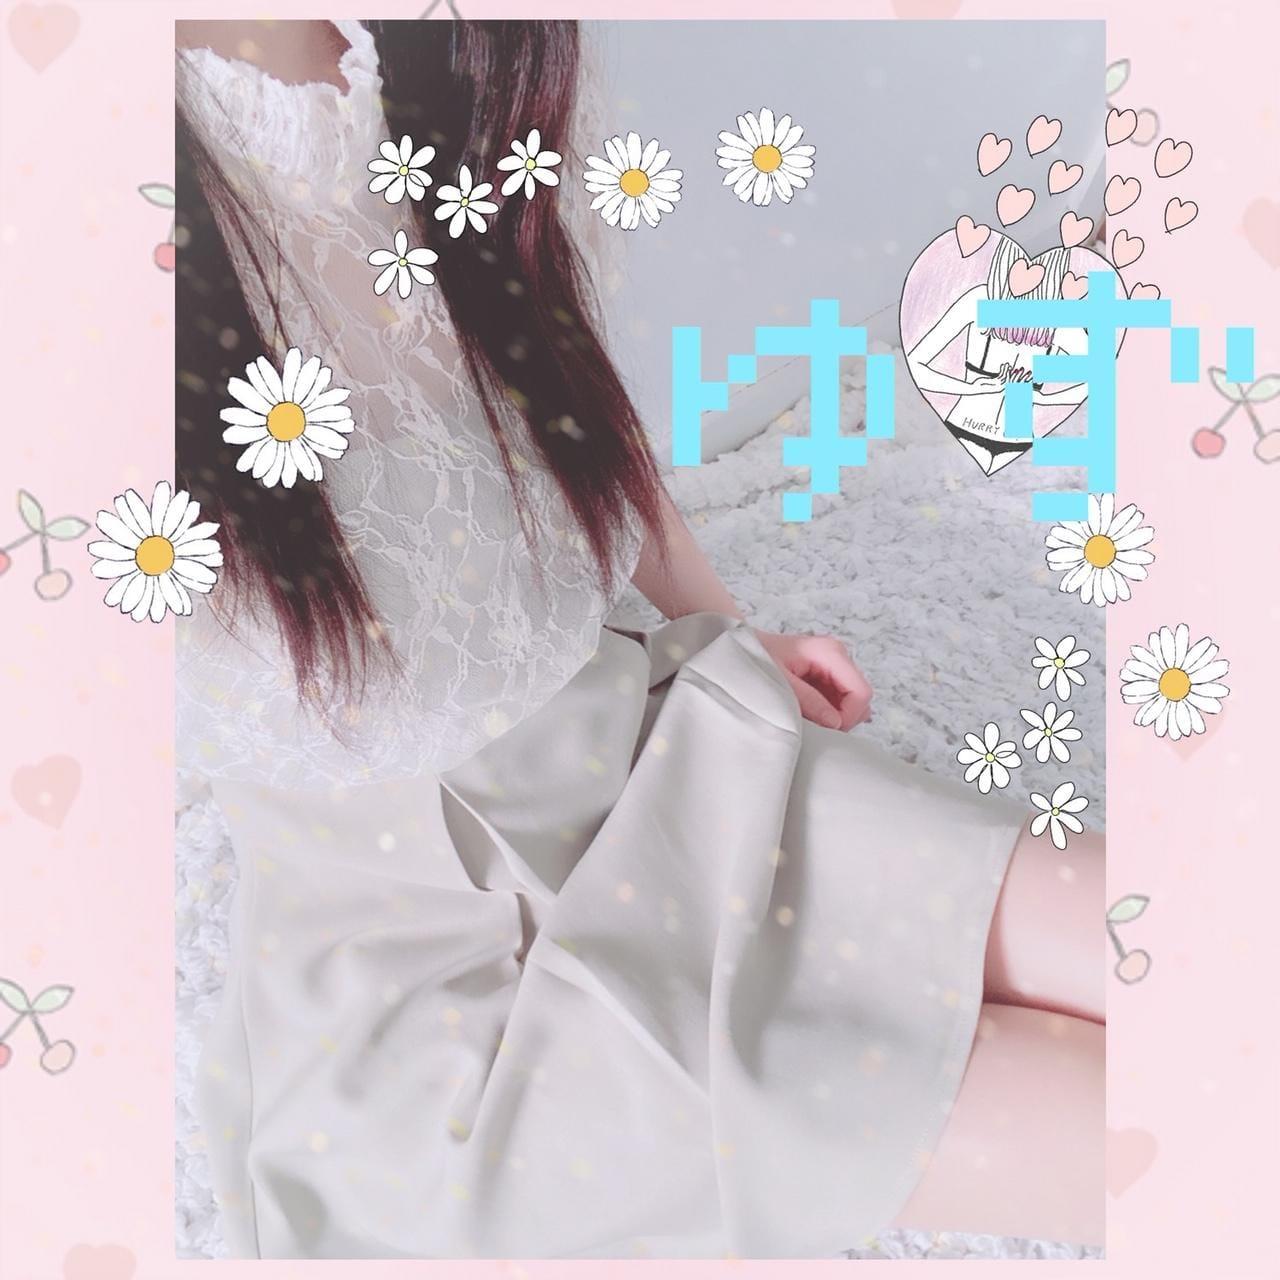 「おれい」07/08(水) 05:08 | ゆずの写メ・風俗動画